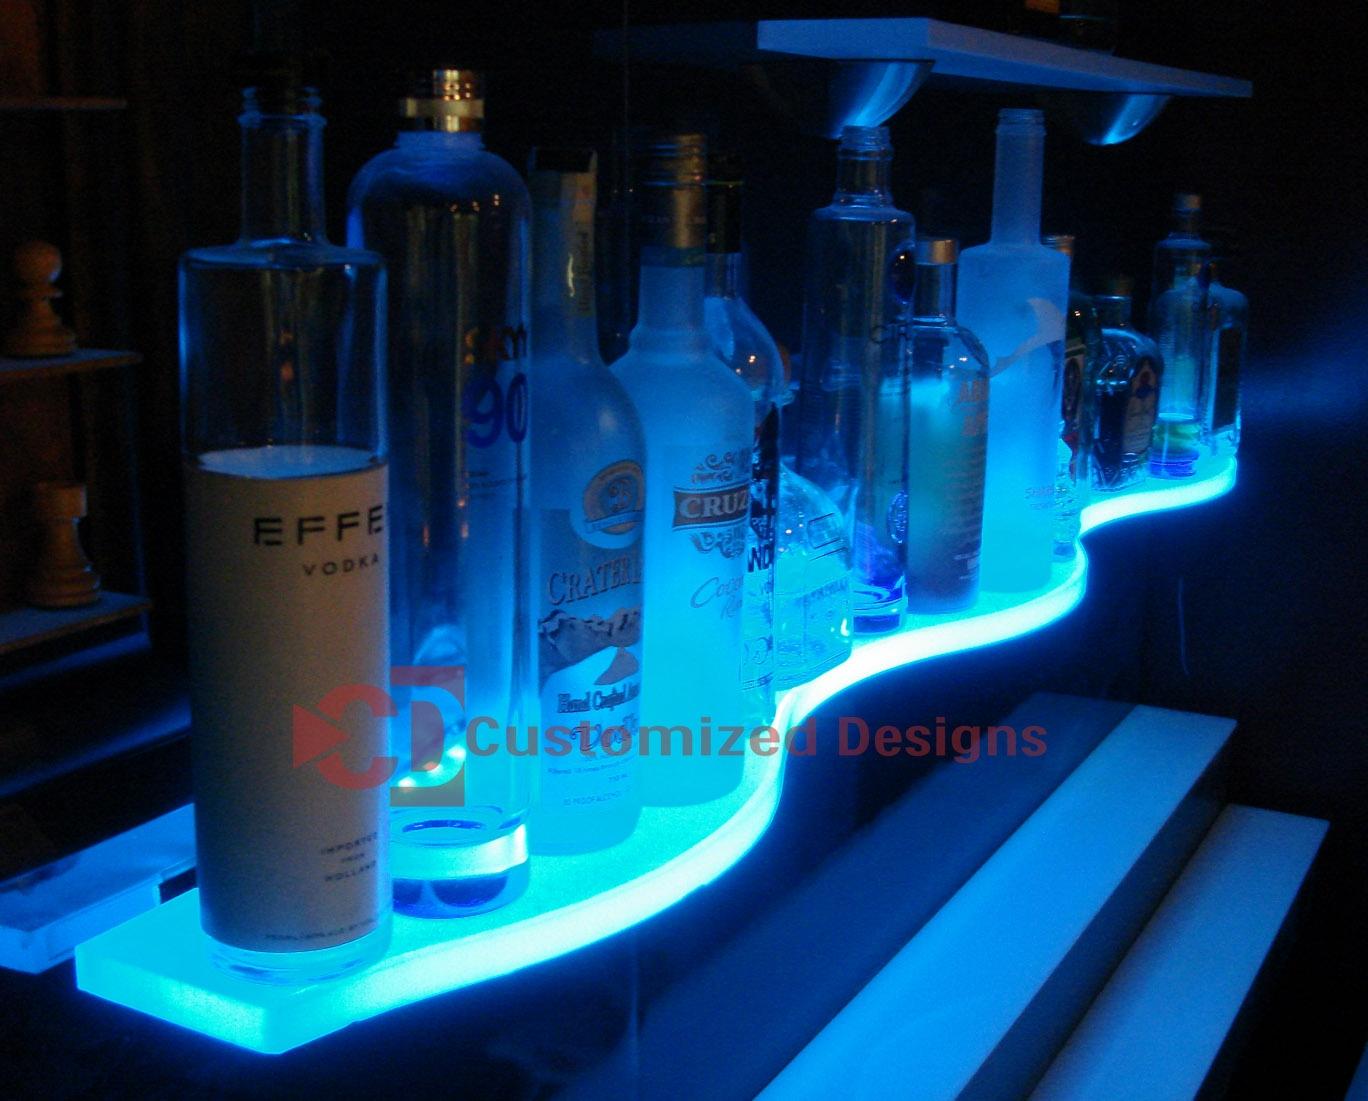 Led Glass Bar Shelves Lighted Floating Shelves Kbis Regarding Led Floating Shelves (View 10 of 15)